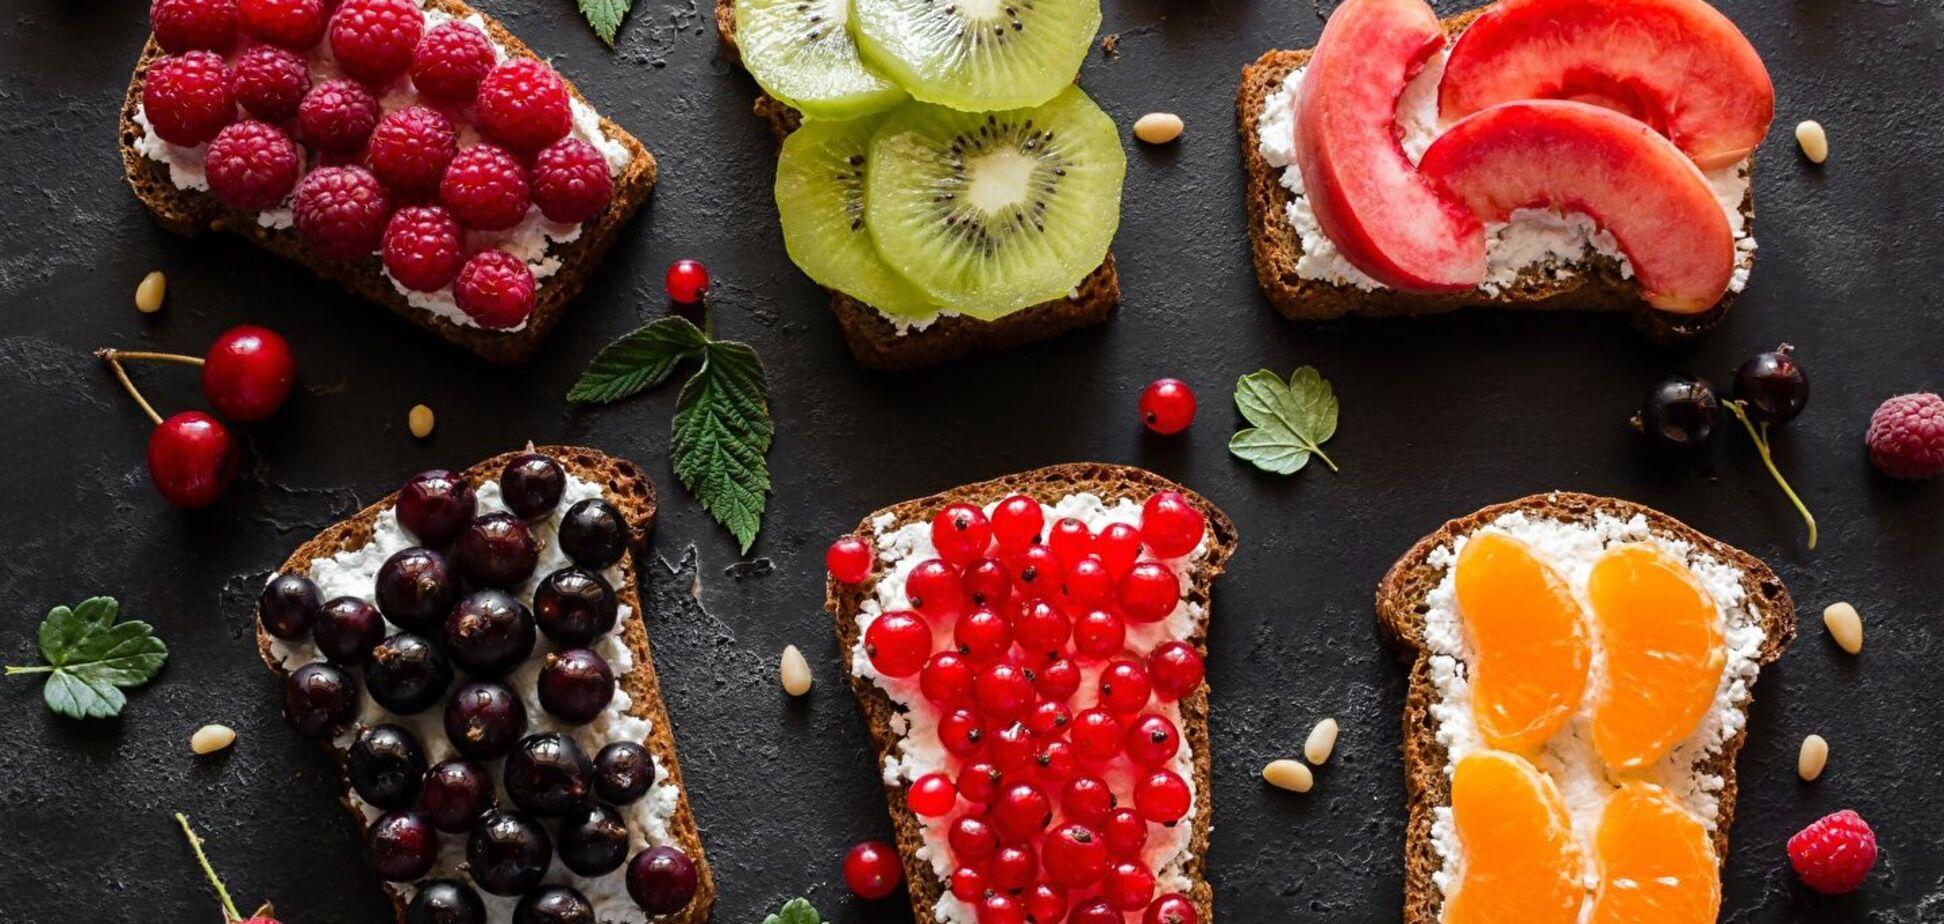 Полезные бутерброды: перечень правильных ингредиентов